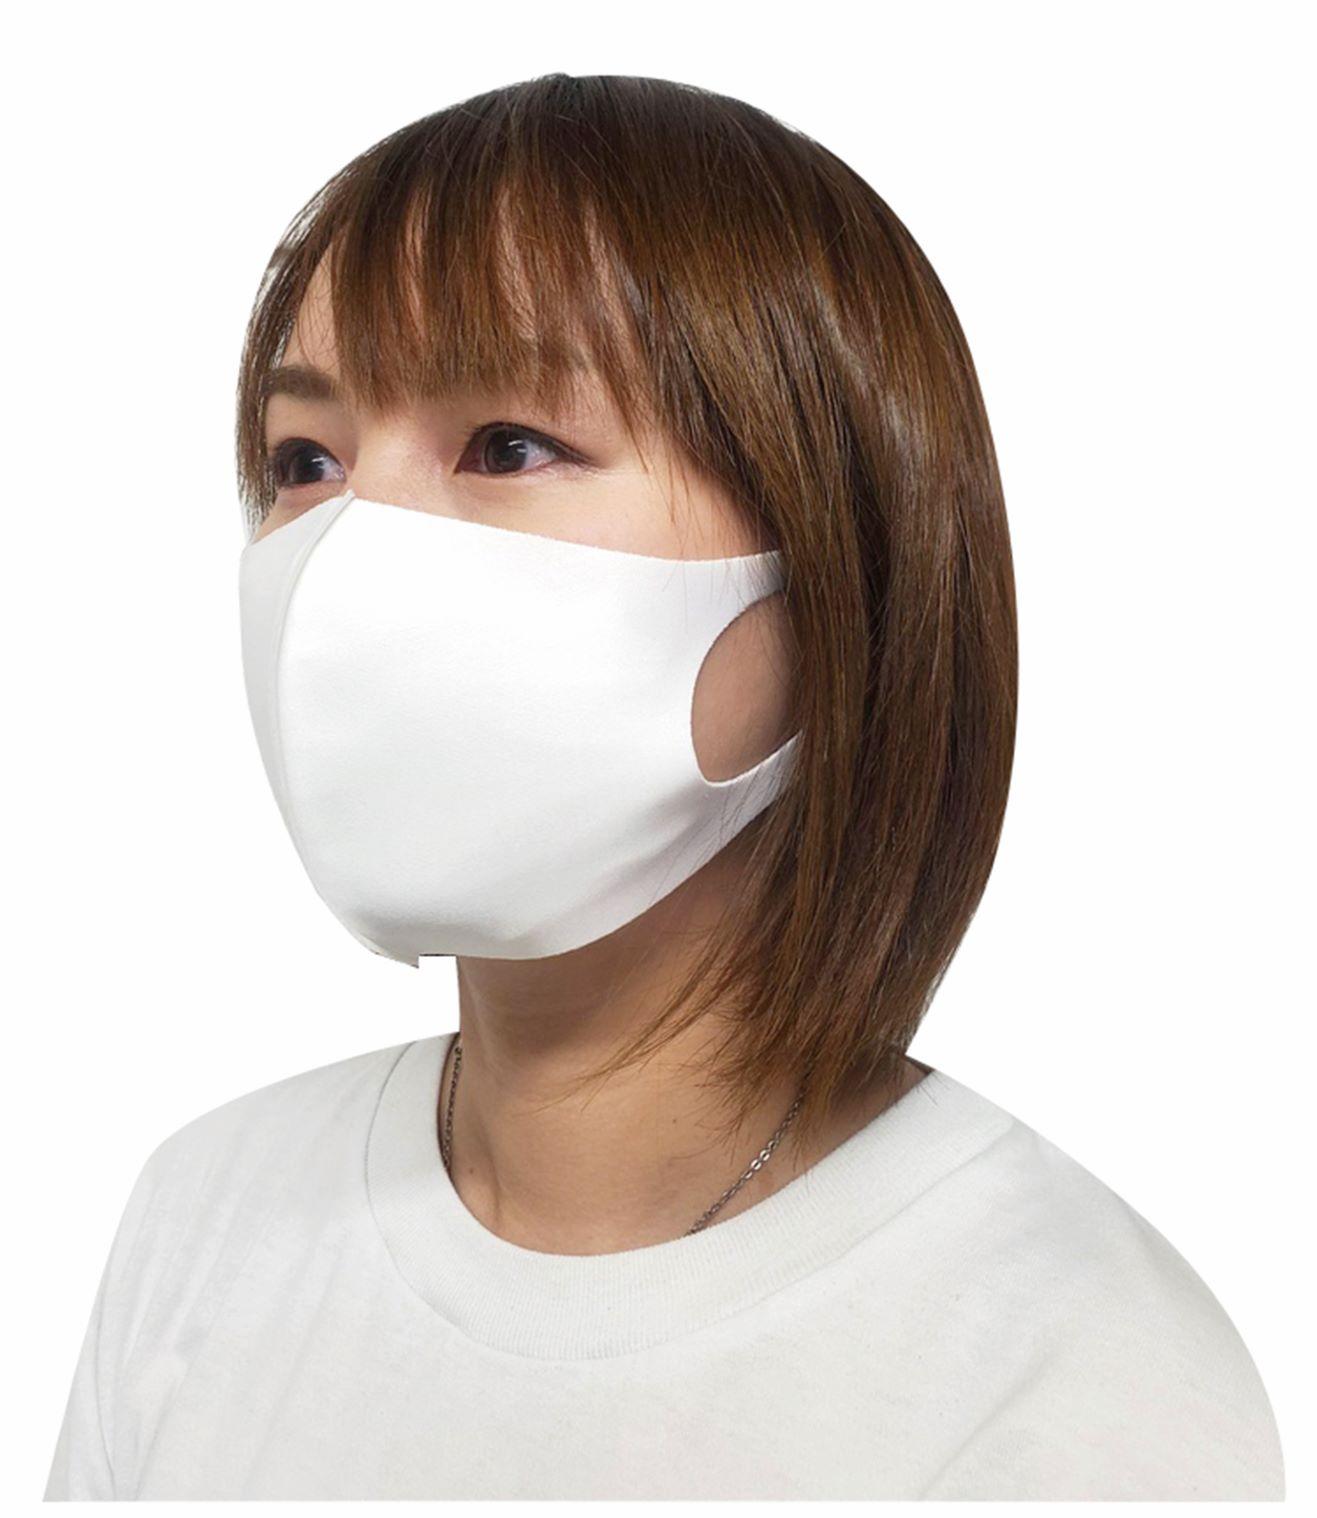 クールフィットマスク 3枚入 ホワイト